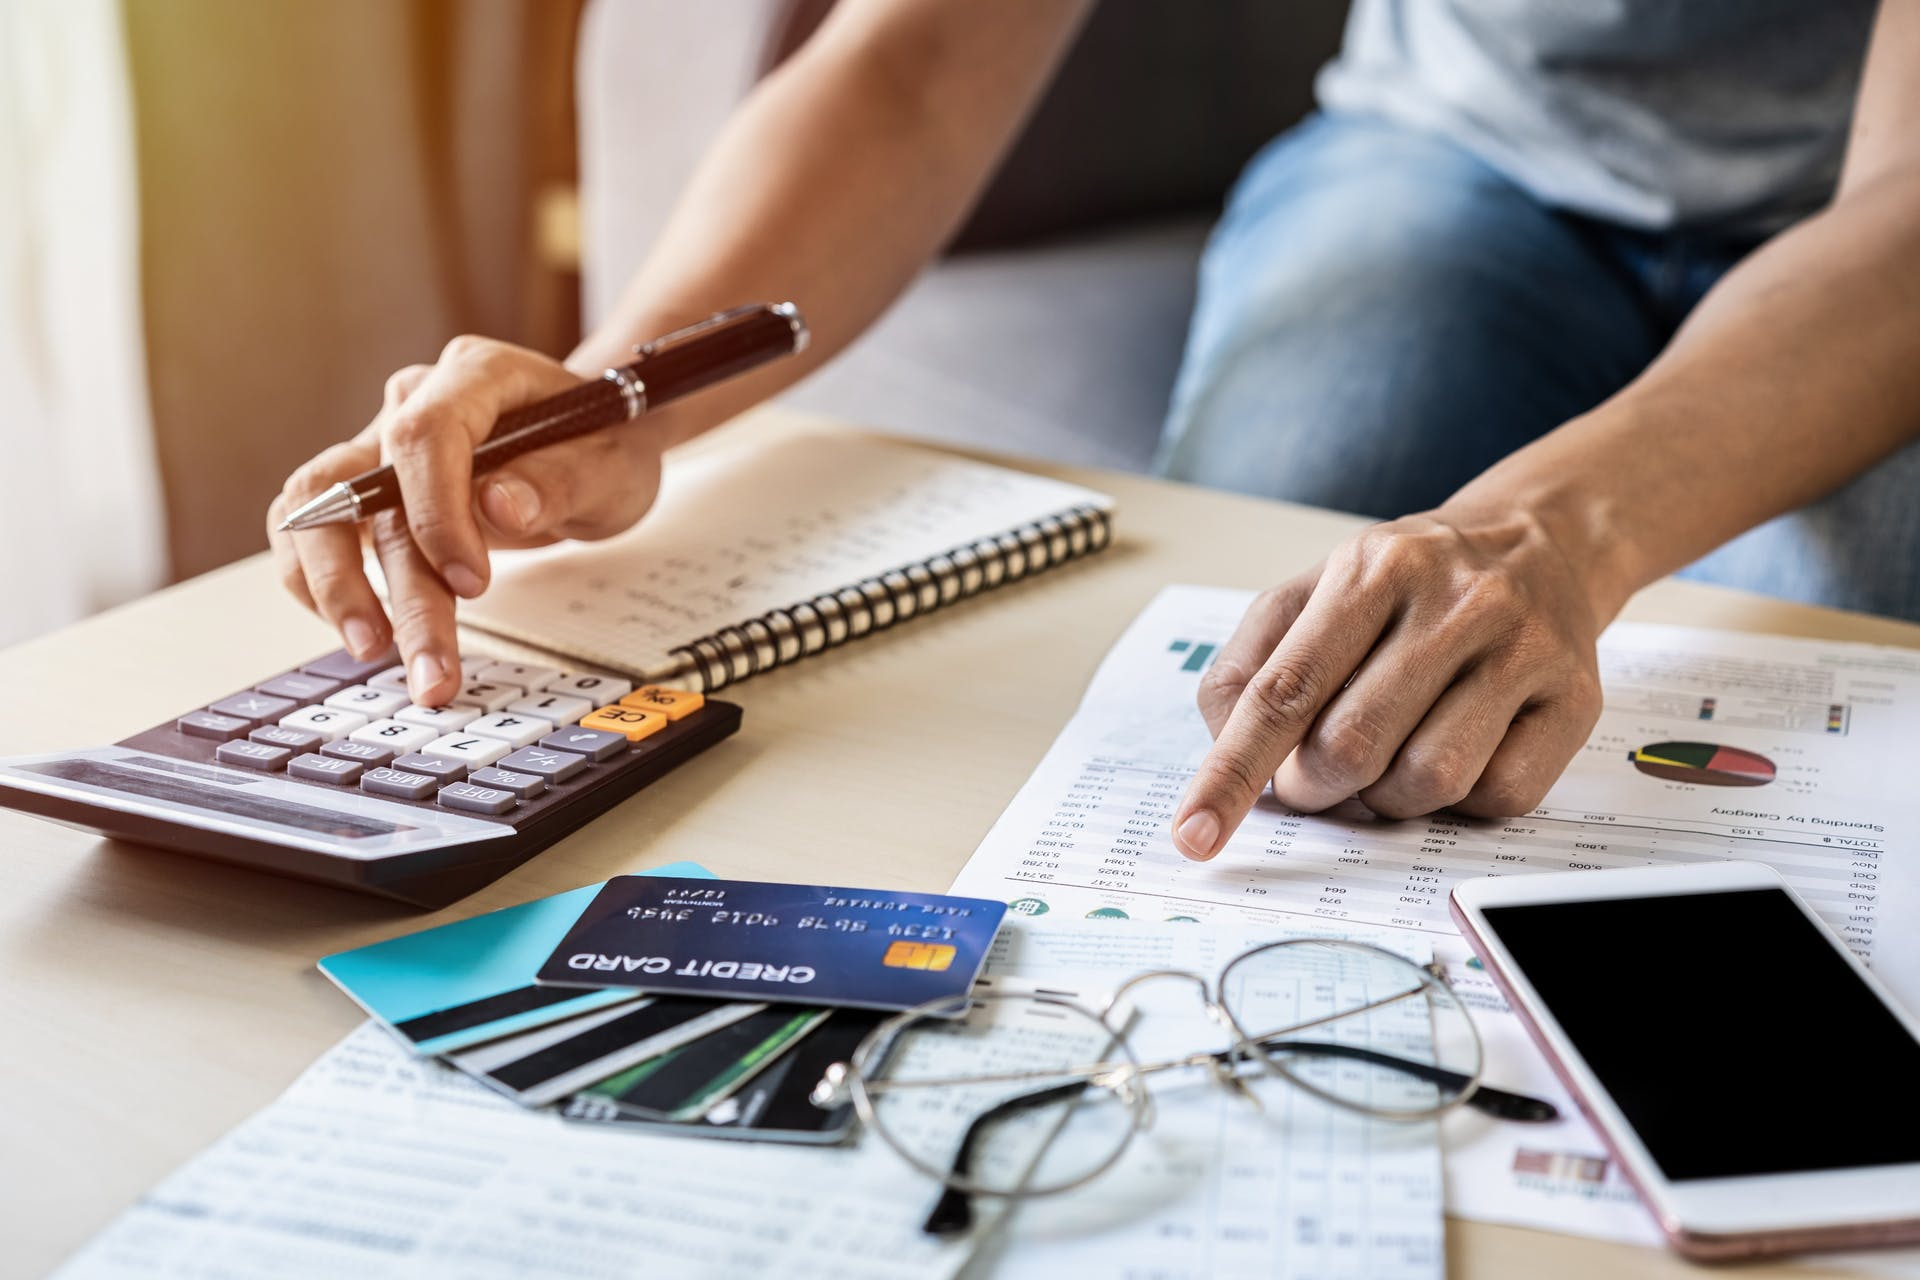 Puntaje de crédito: ¿Cómo alcanzar tus metas con un buen historial crediticio?